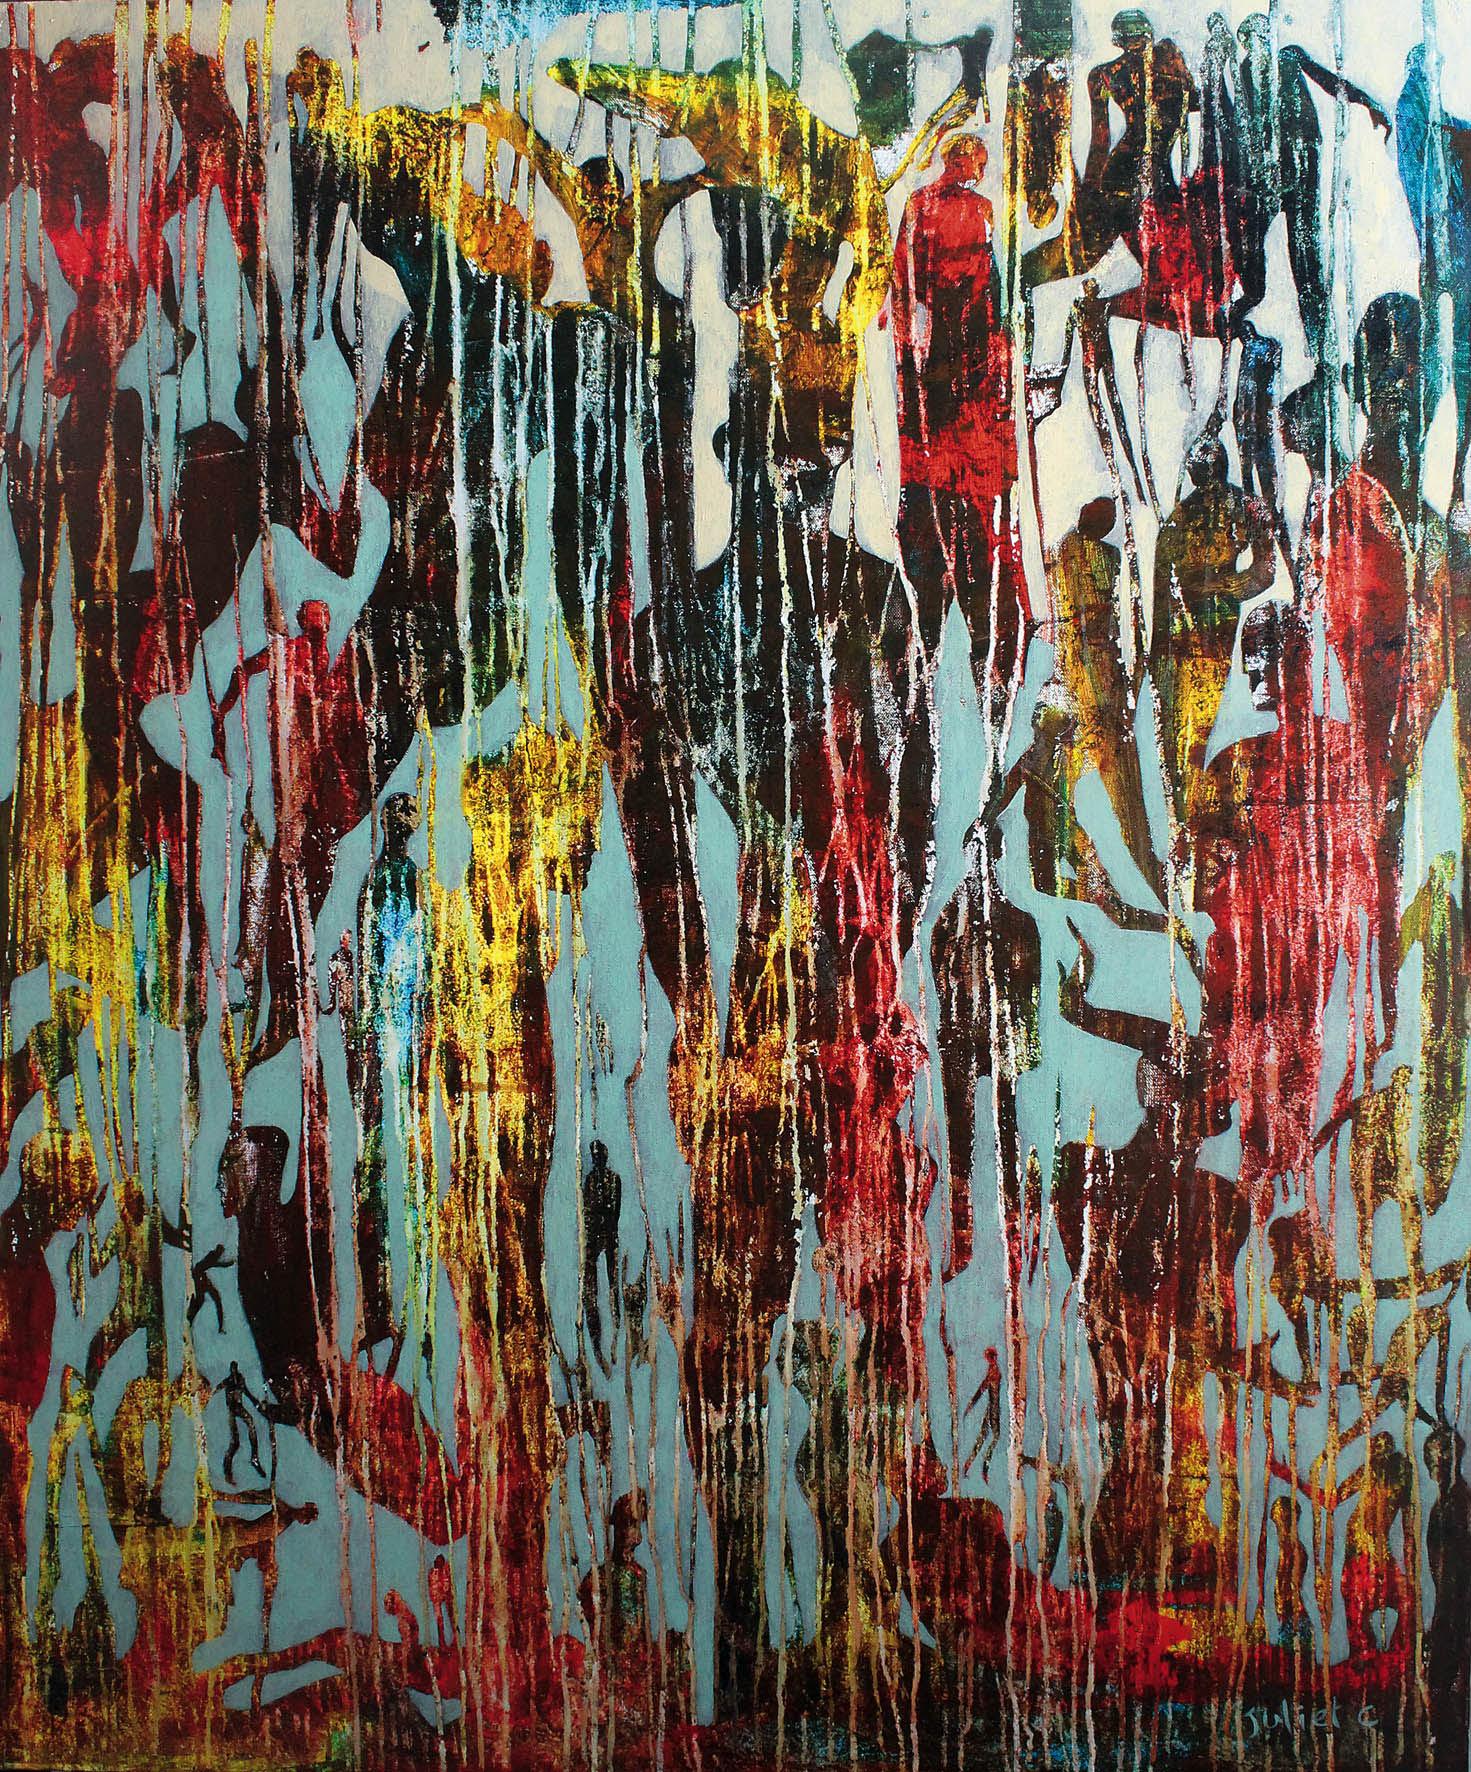 LES CORPS SOLUBLES acrylique sur toile 120x100 cm